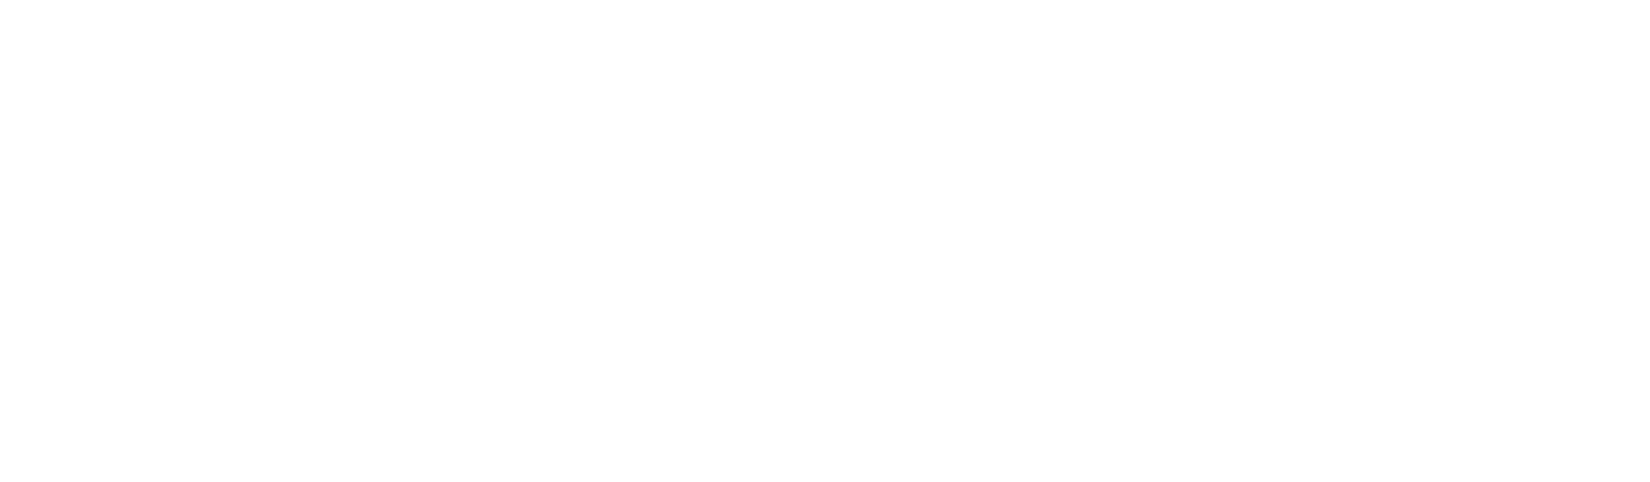 QNAP Logo White